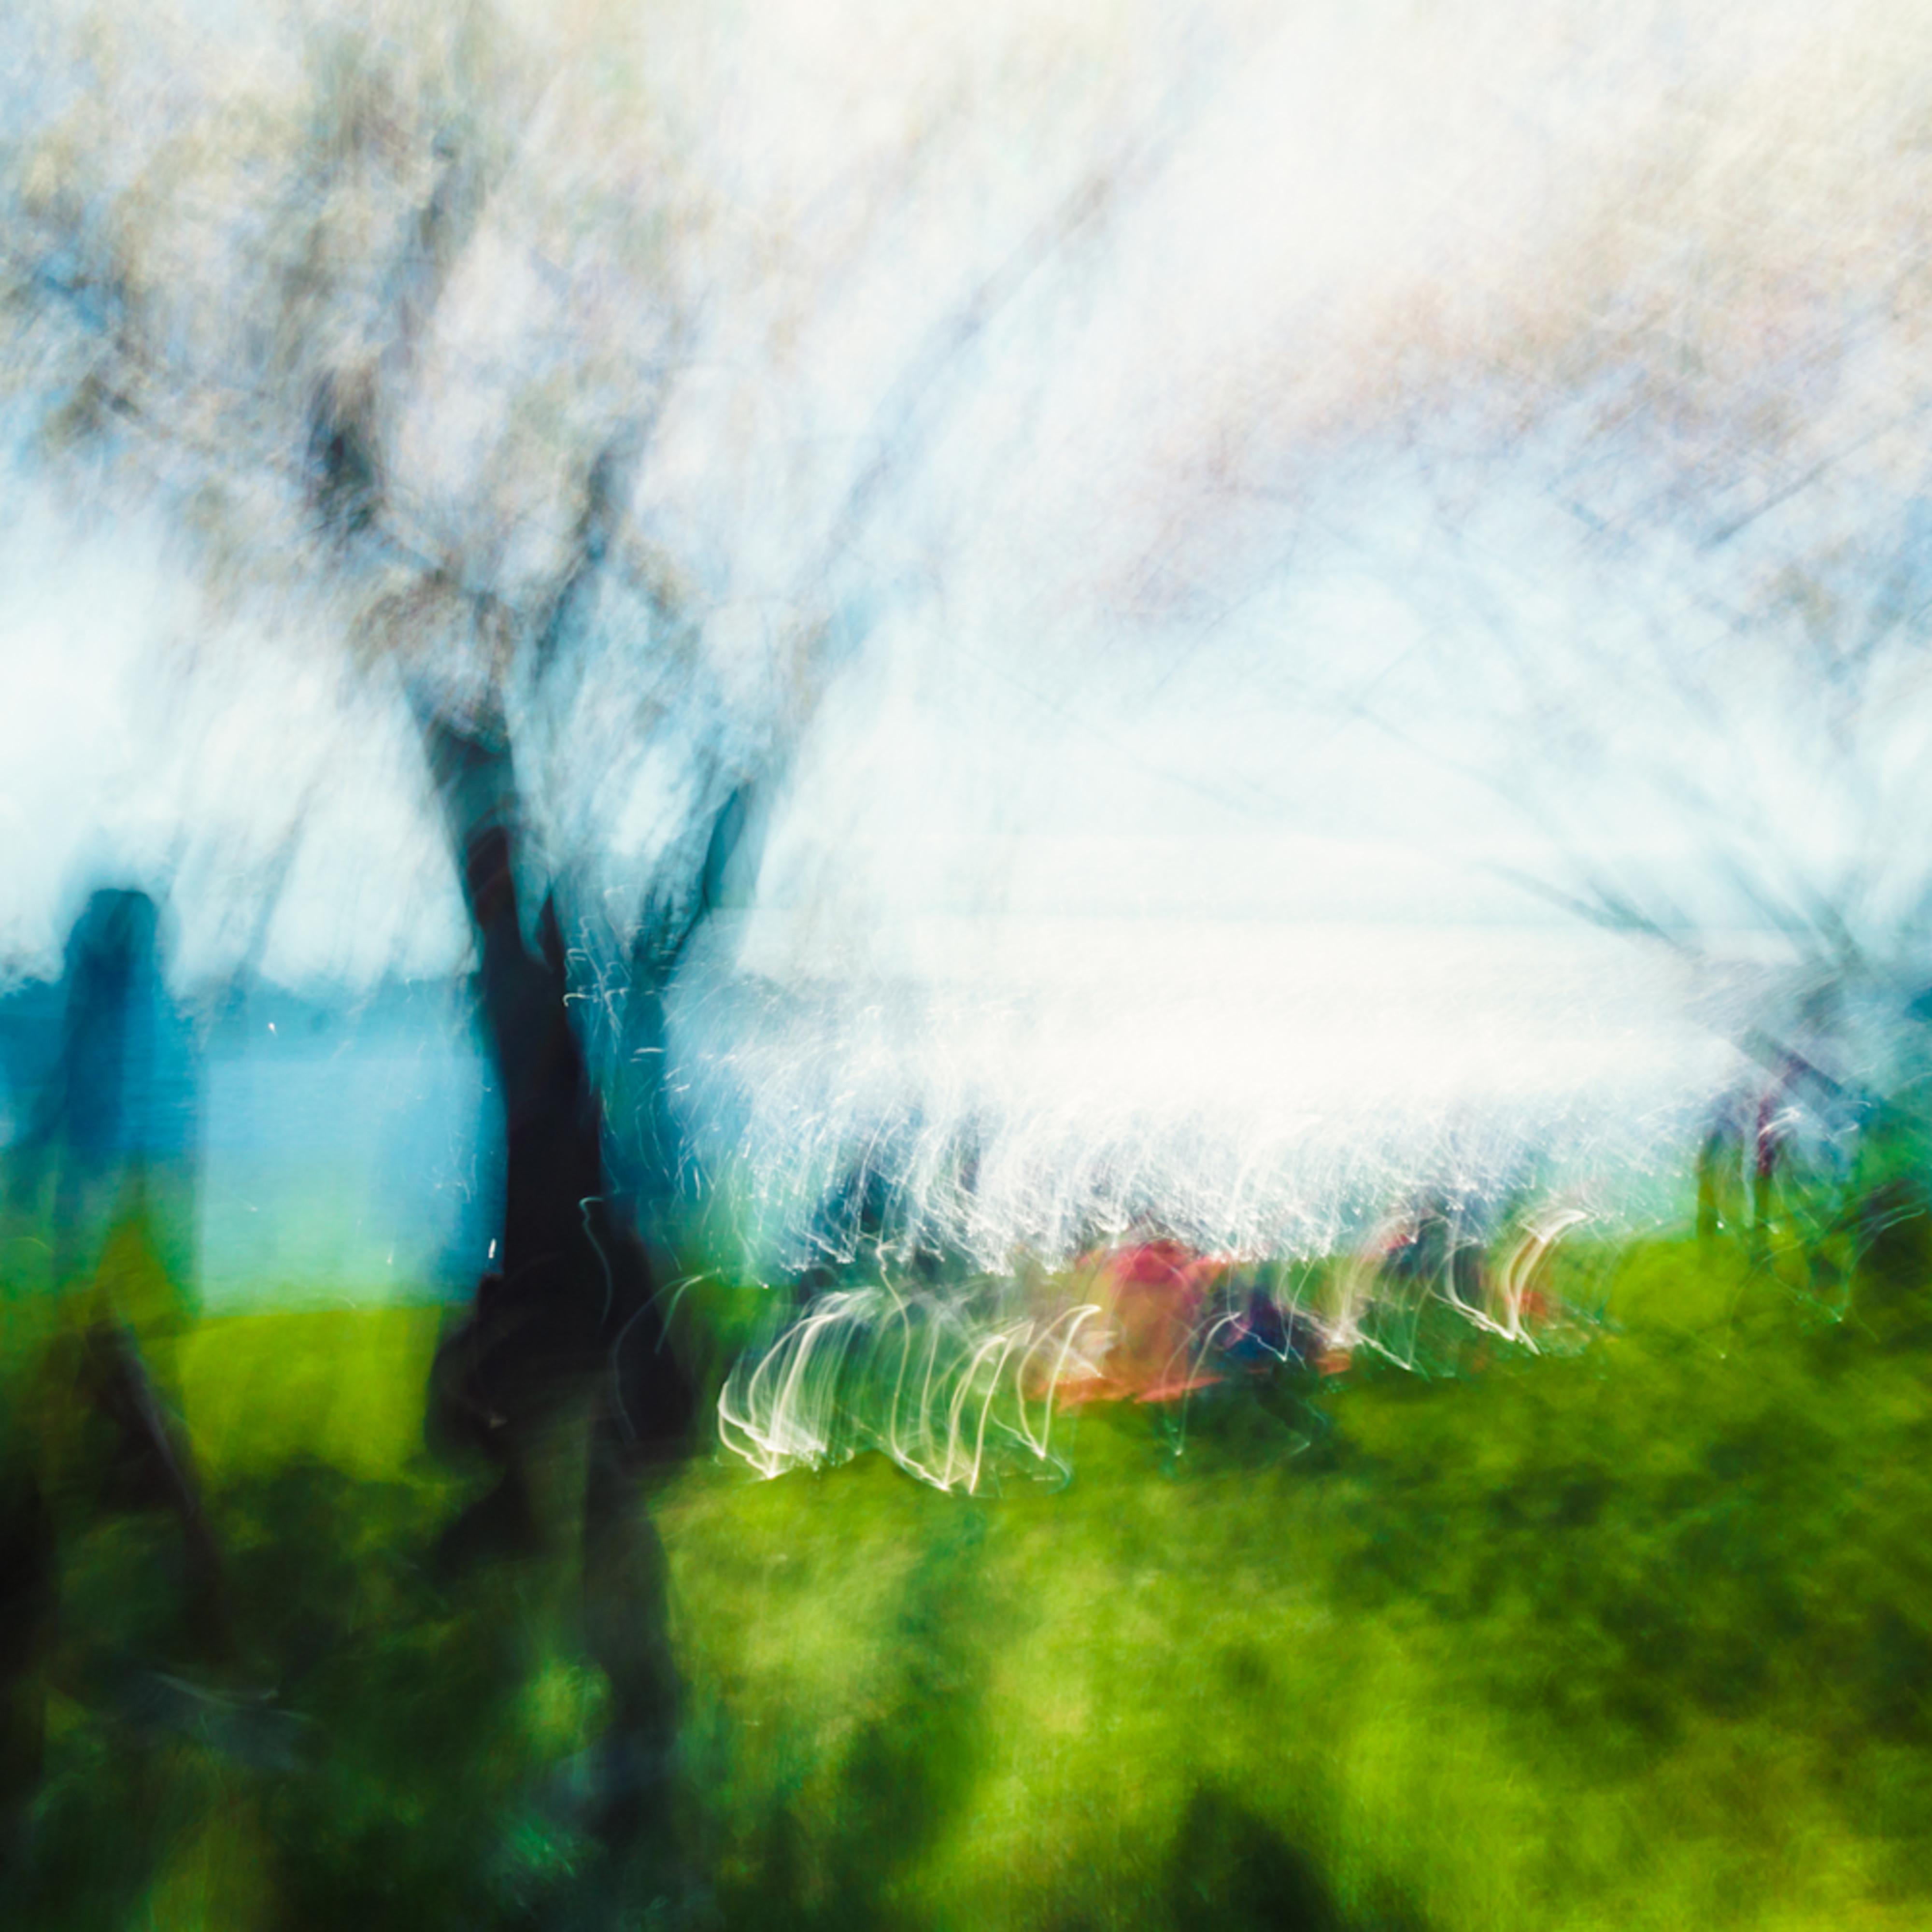 Urban abstract 01625 iixcjg